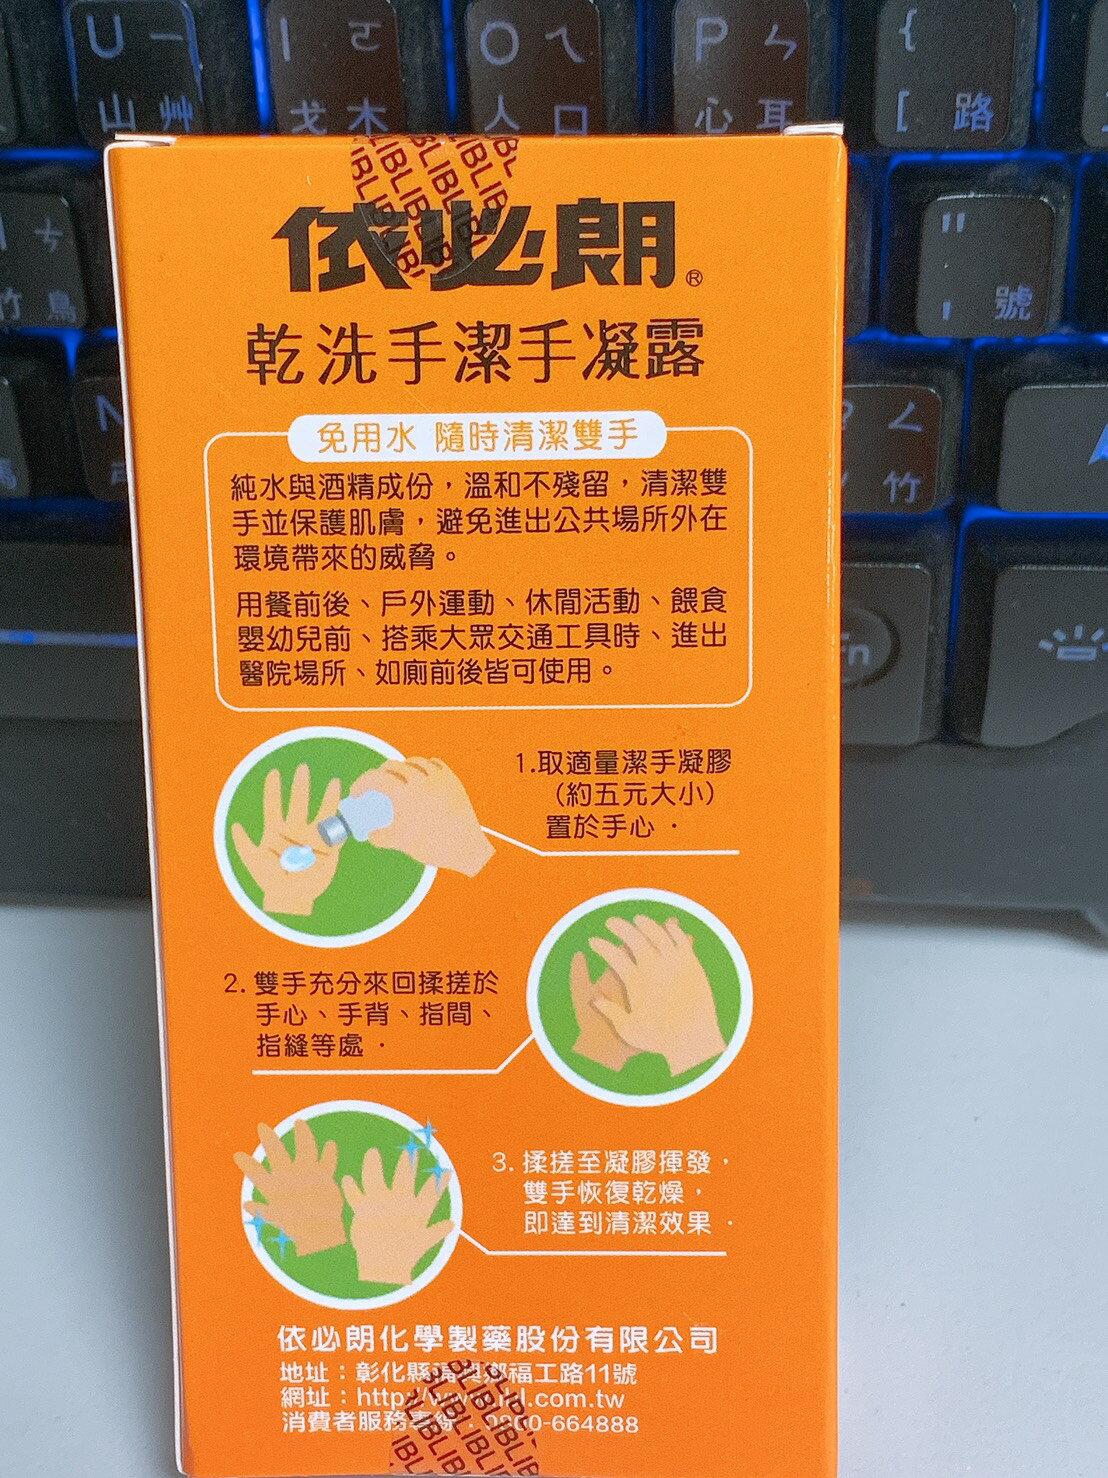 依必朗 乾洗手 潔手凝膠 清潔雙手 隨身攜帶 方便清潔 60ml